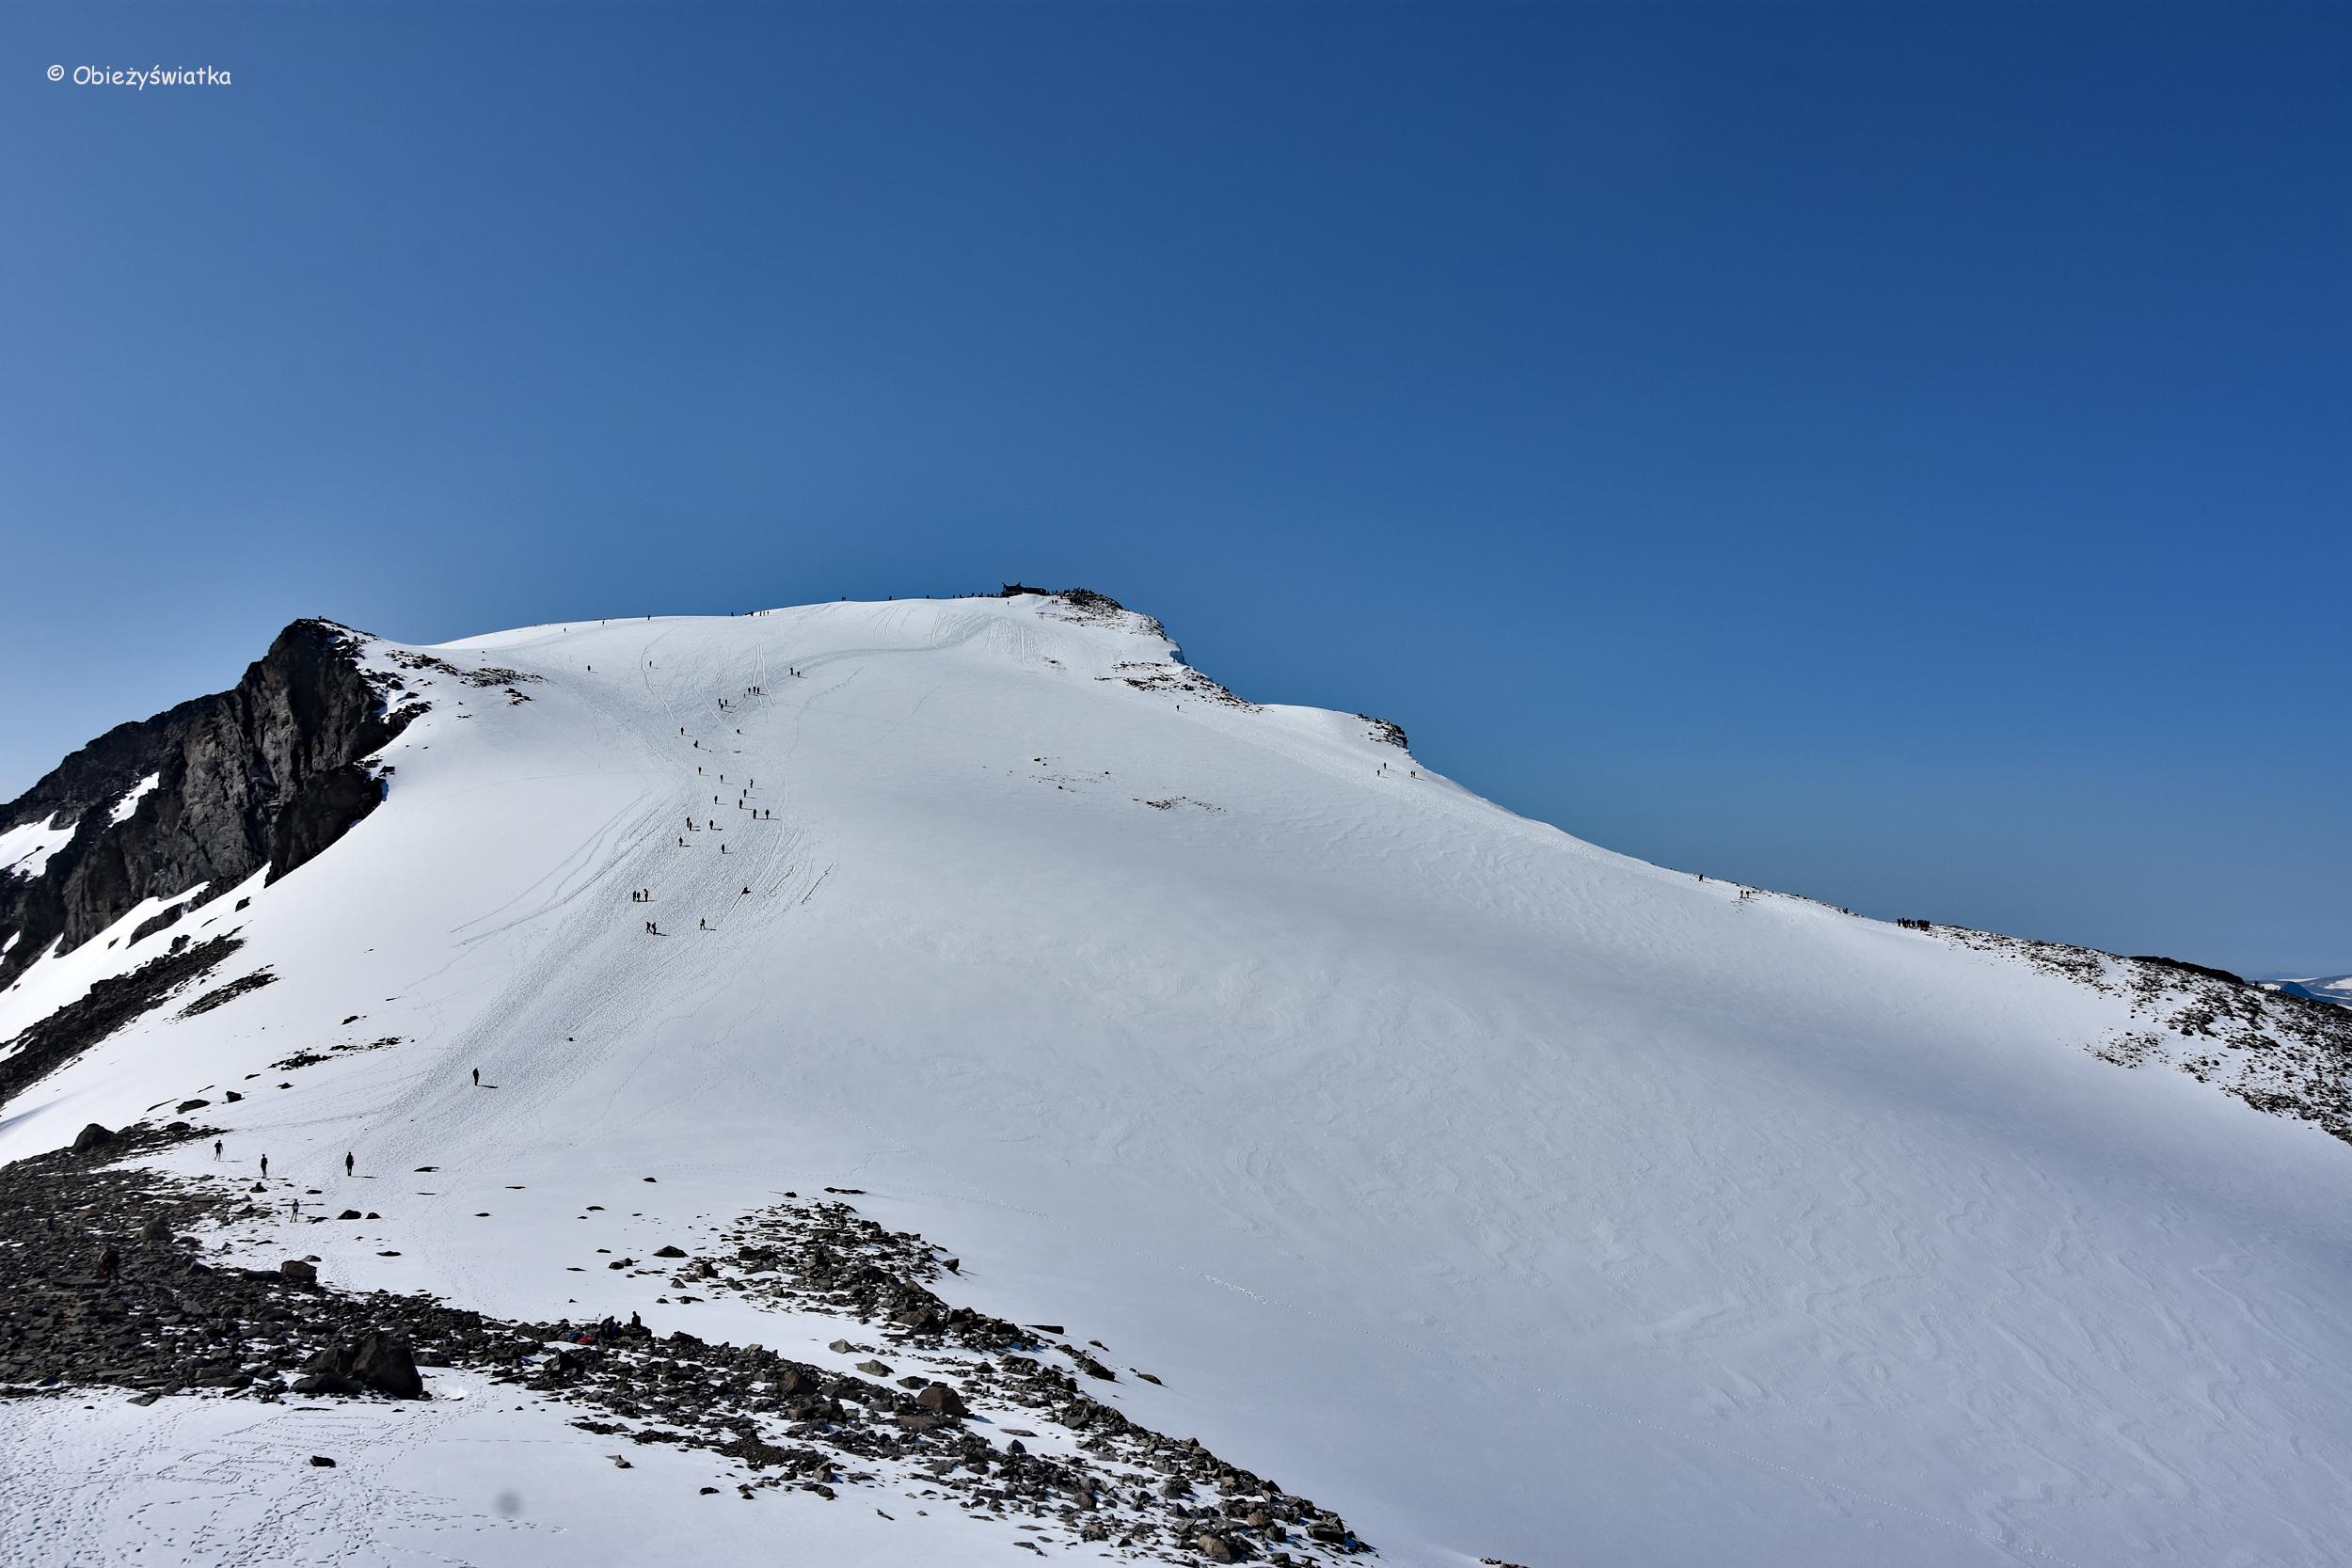 Widok na Galdhopiggen ze szczytu Keilhaus topp